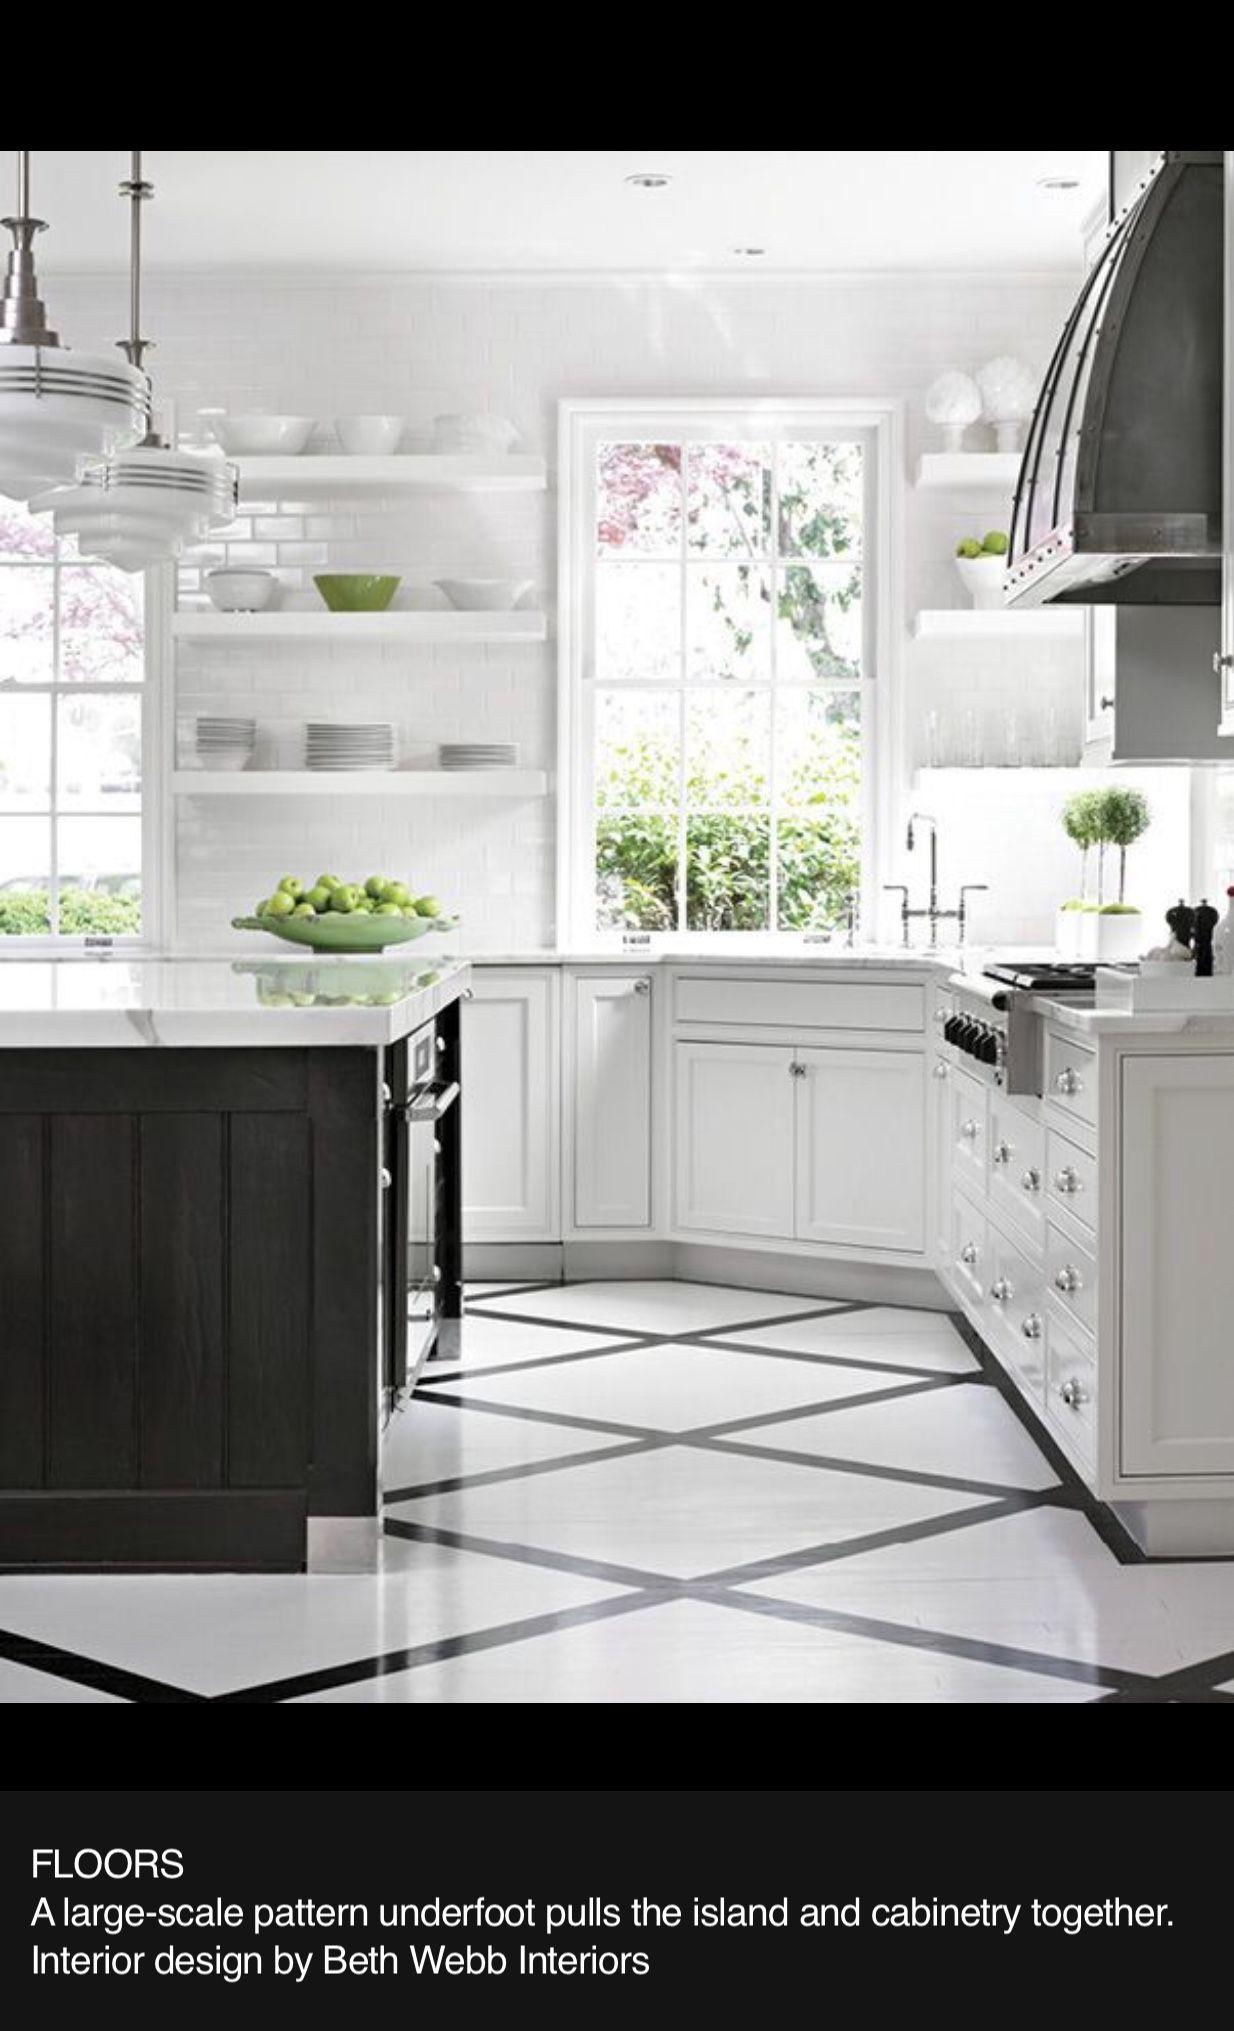 pincourtney n on home  white kitchen floor kitchen